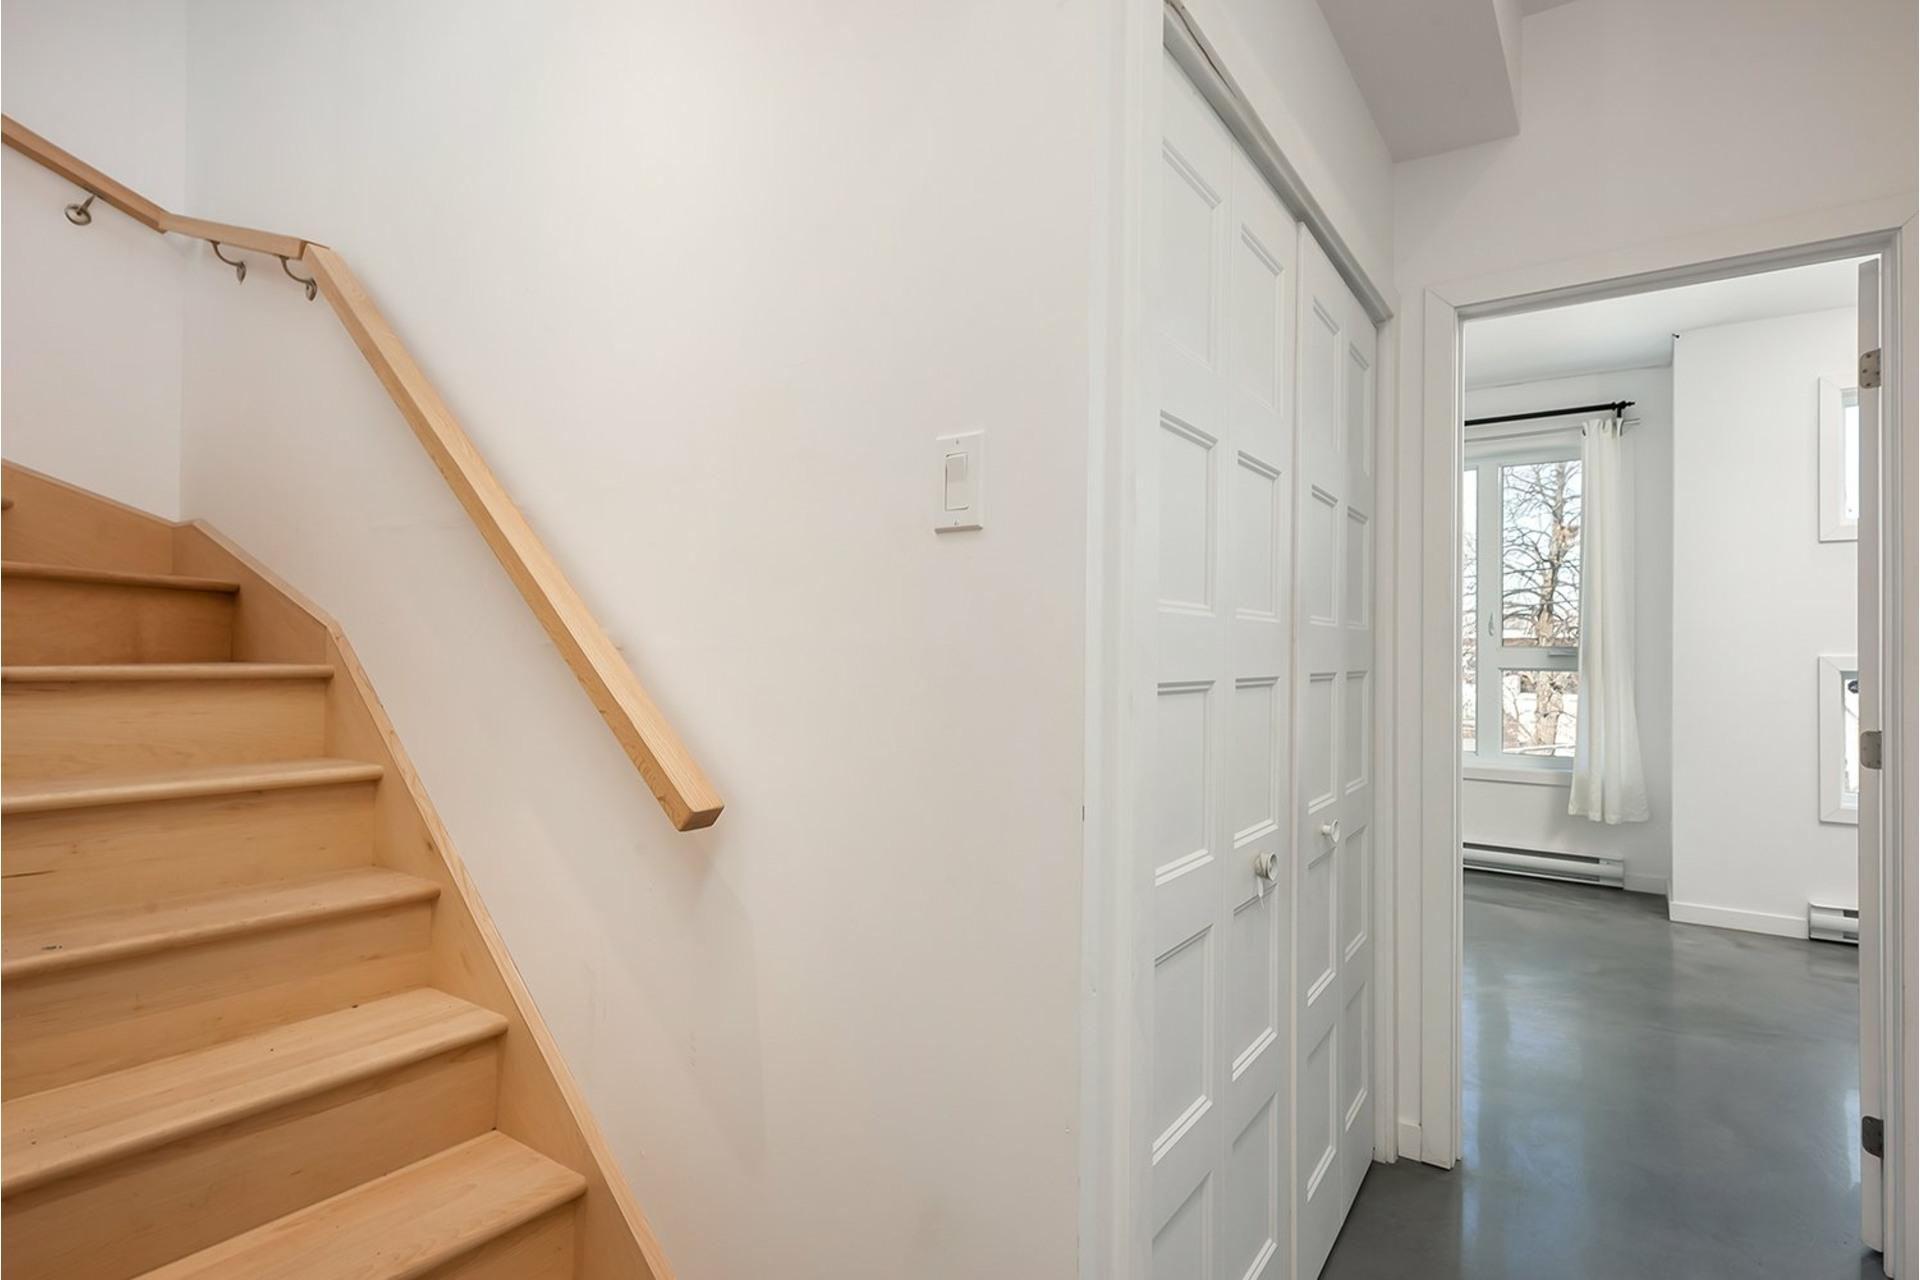 image 11 - Triplex For sale Mercier/Hochelaga-Maisonneuve Montréal  - 4 rooms